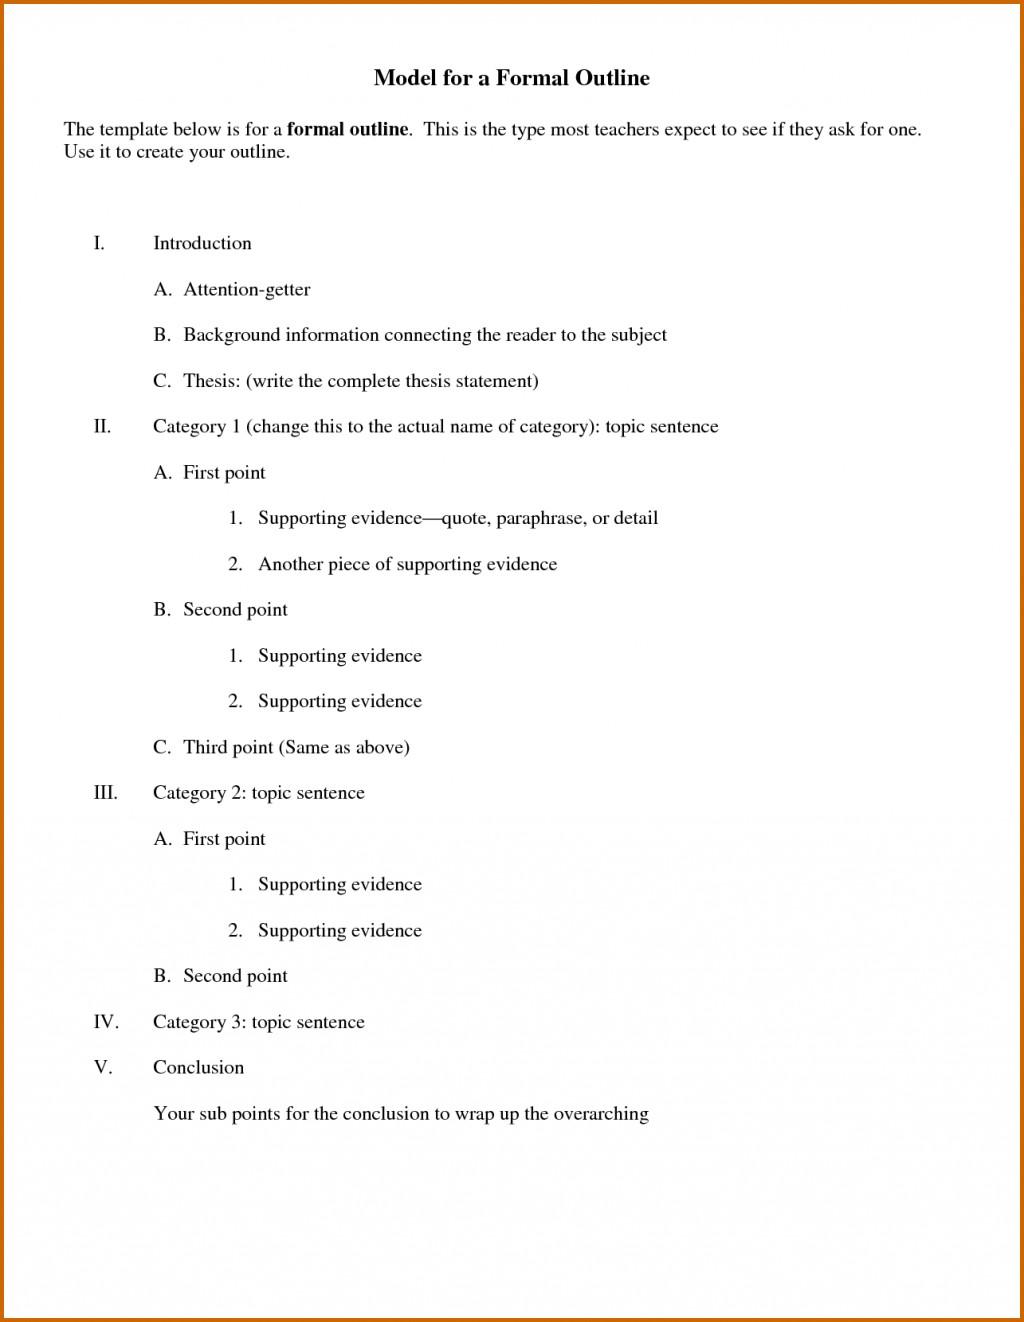 014 Essay Example Outline Of Informal Impressive Argumentative Sample Mla Format Large